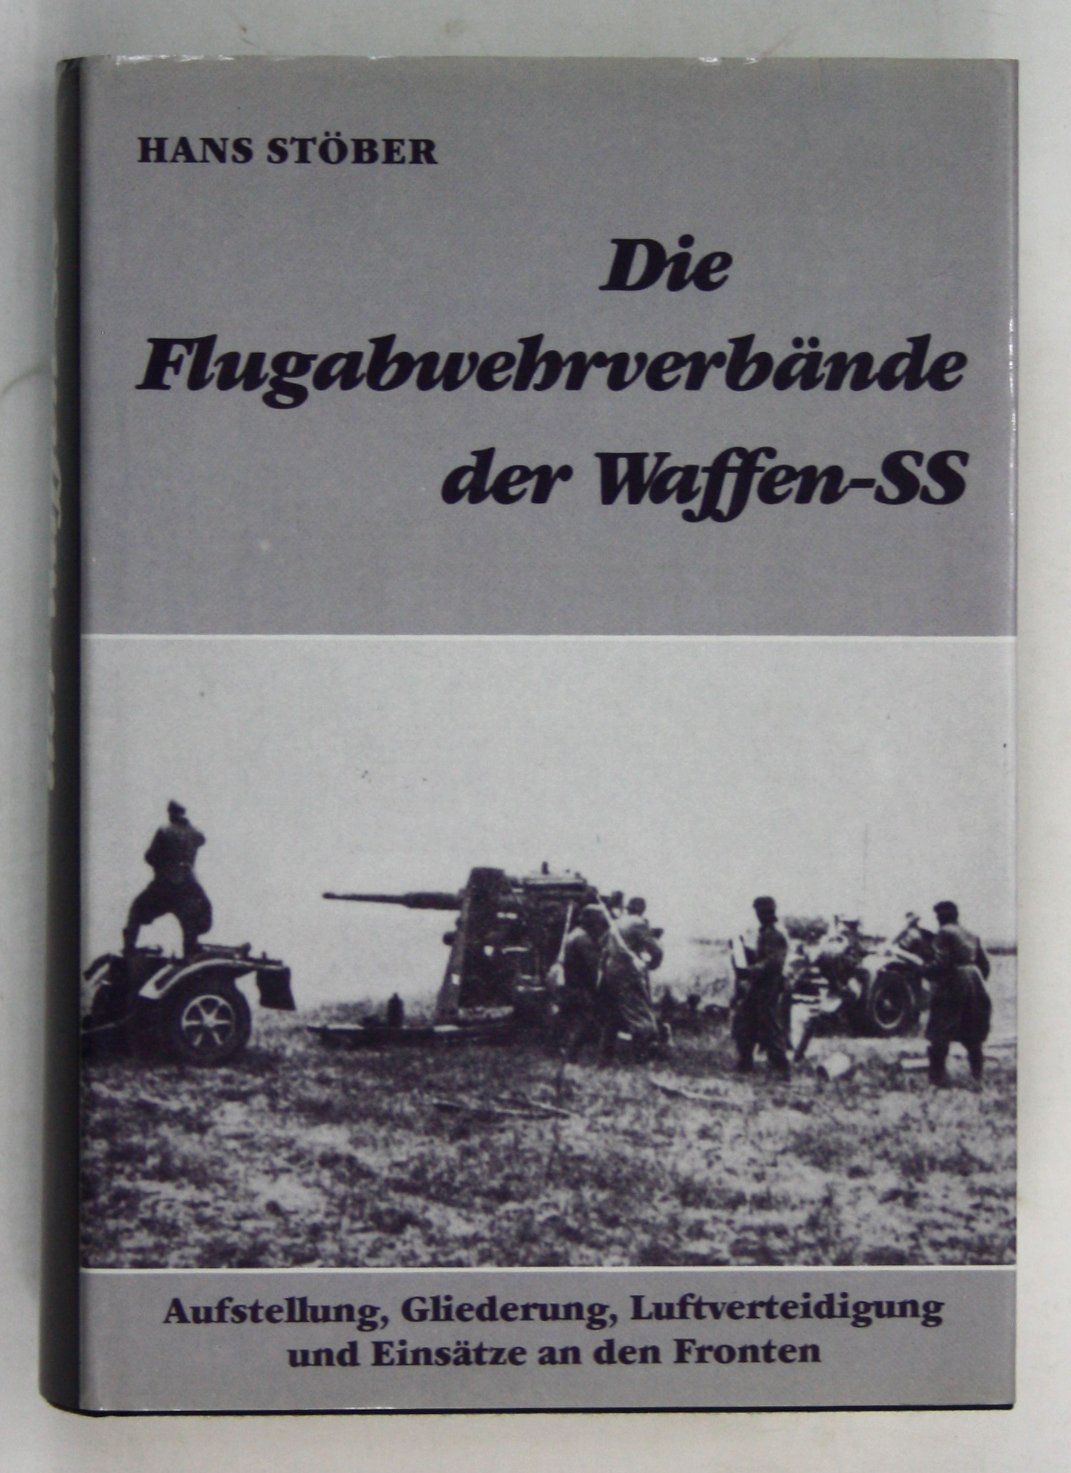 Die Flugabwehrverbände der Waffen-SS. Aufstellung, Gliederung, Luftverteidigung und Einsatz an allen Fronten